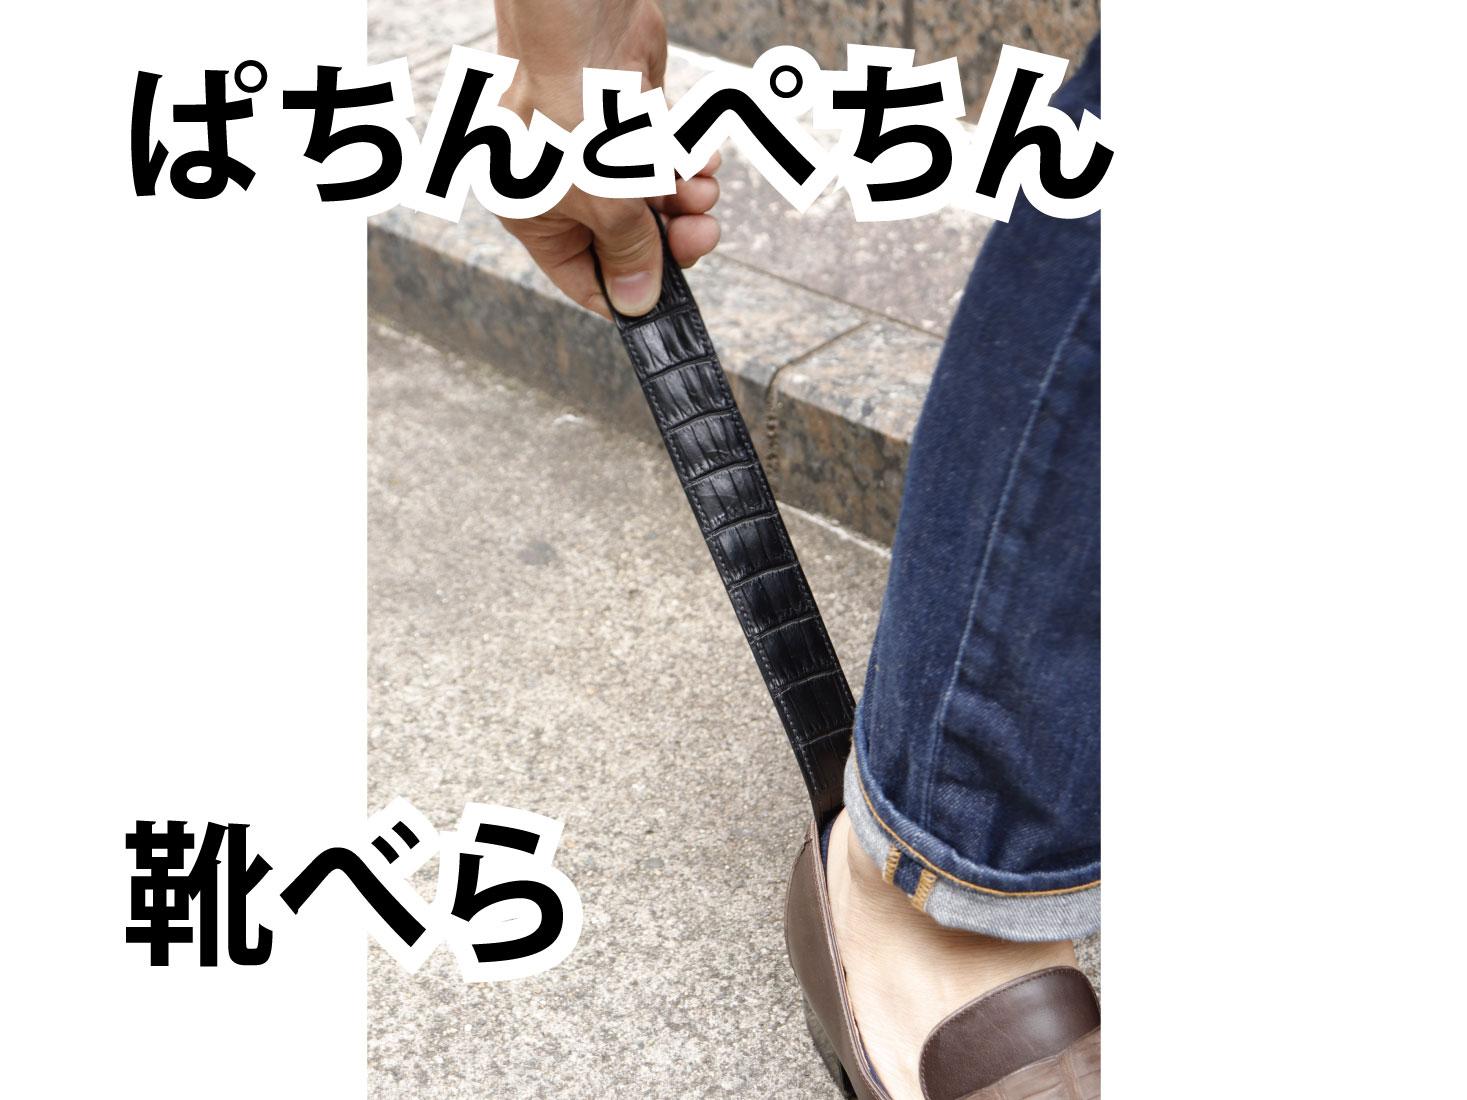 T・MBH ぱちんとぺちん